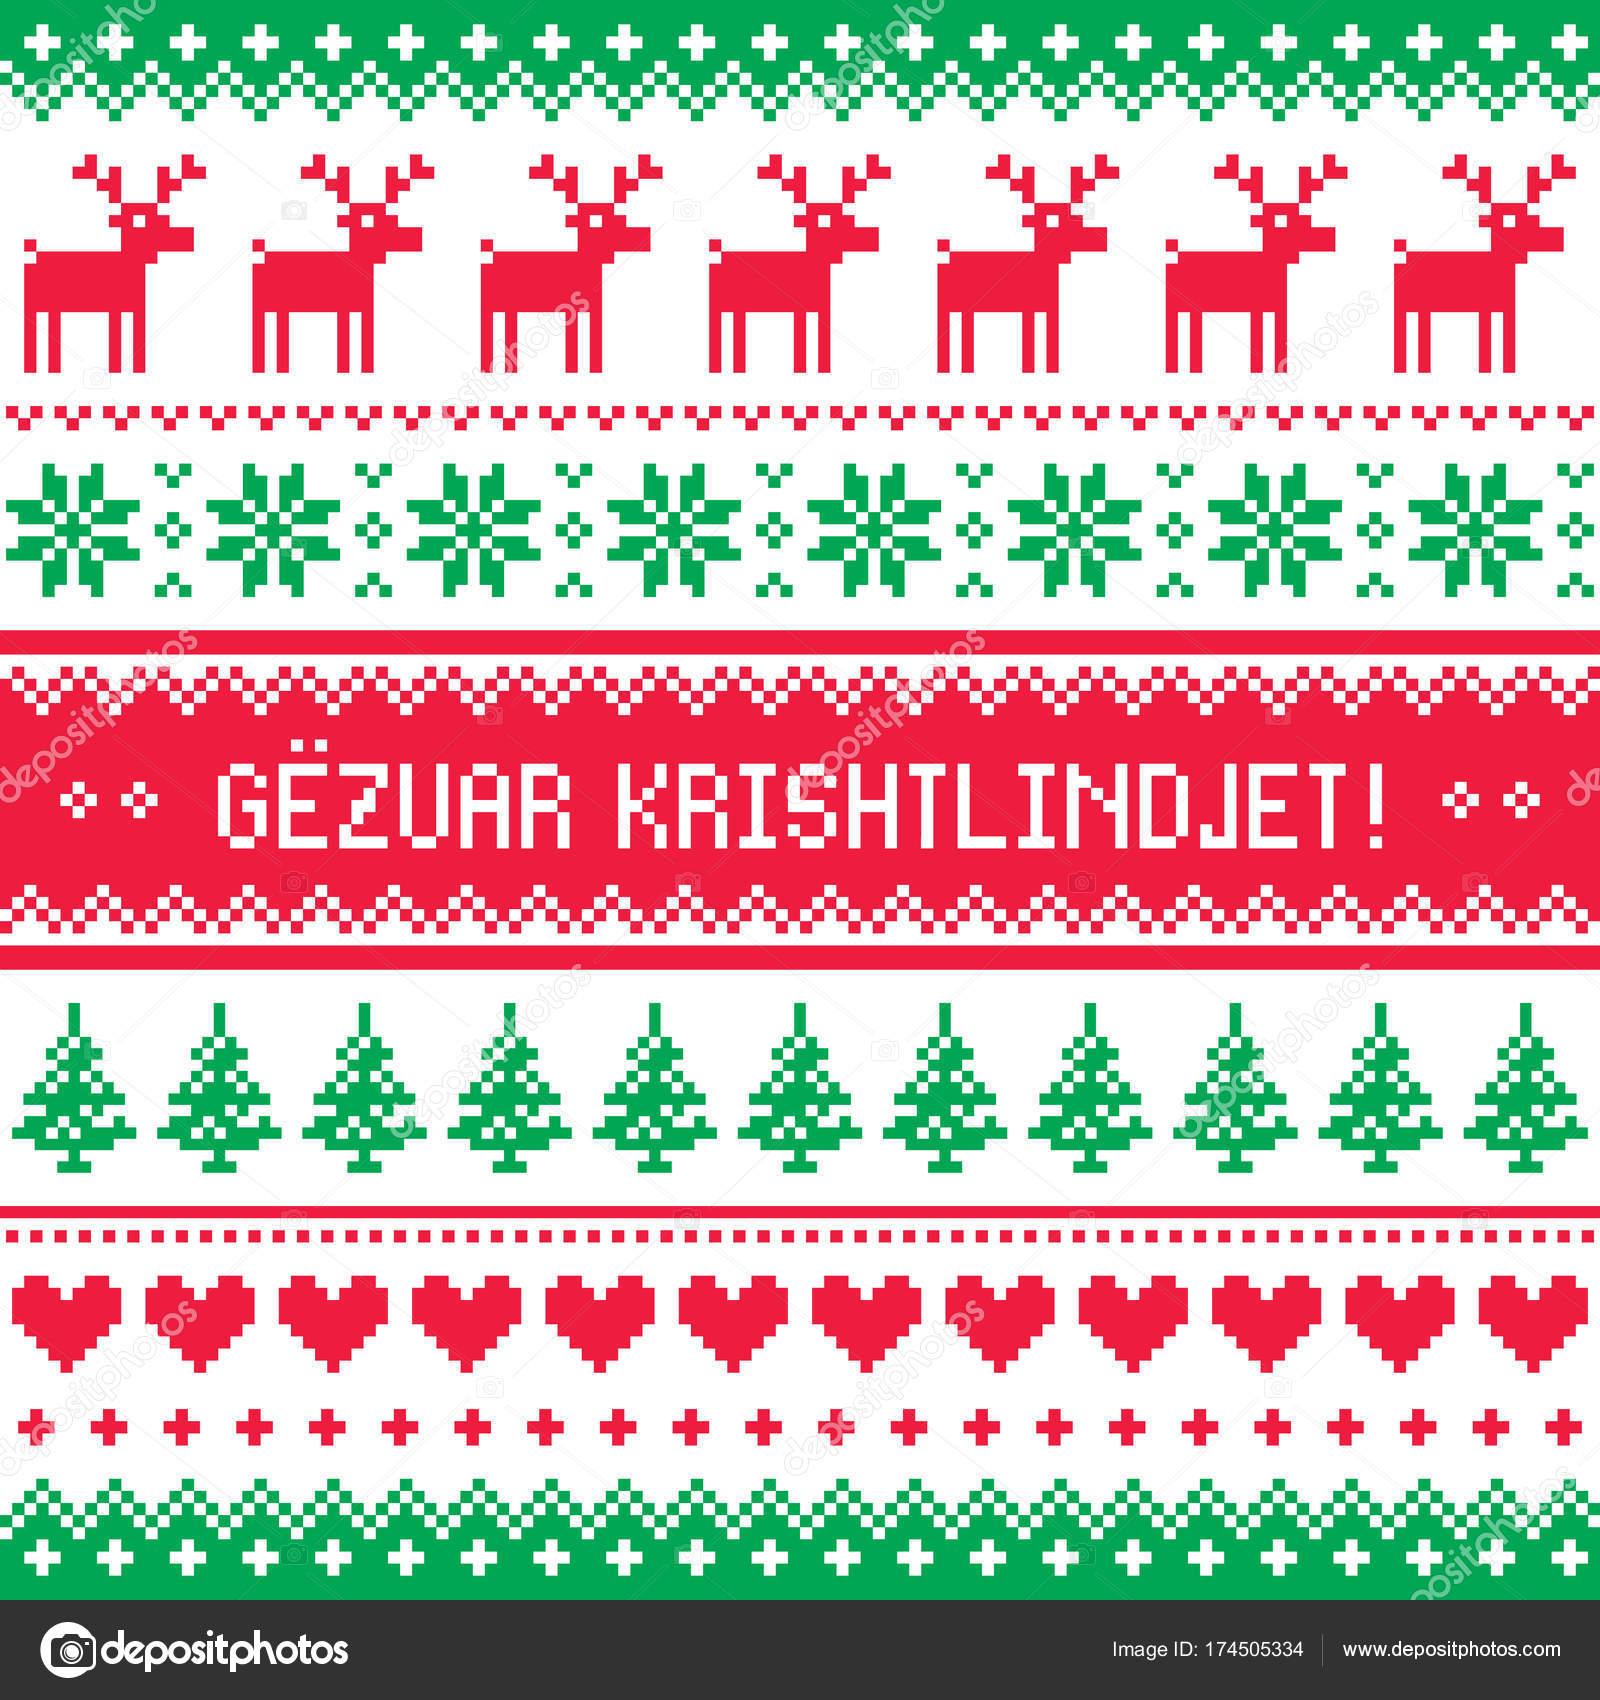 Auguri Di Natale In Albanese.Gezuar Krishtlindjet Inverno Rosso E Verde Carta Gretting Per